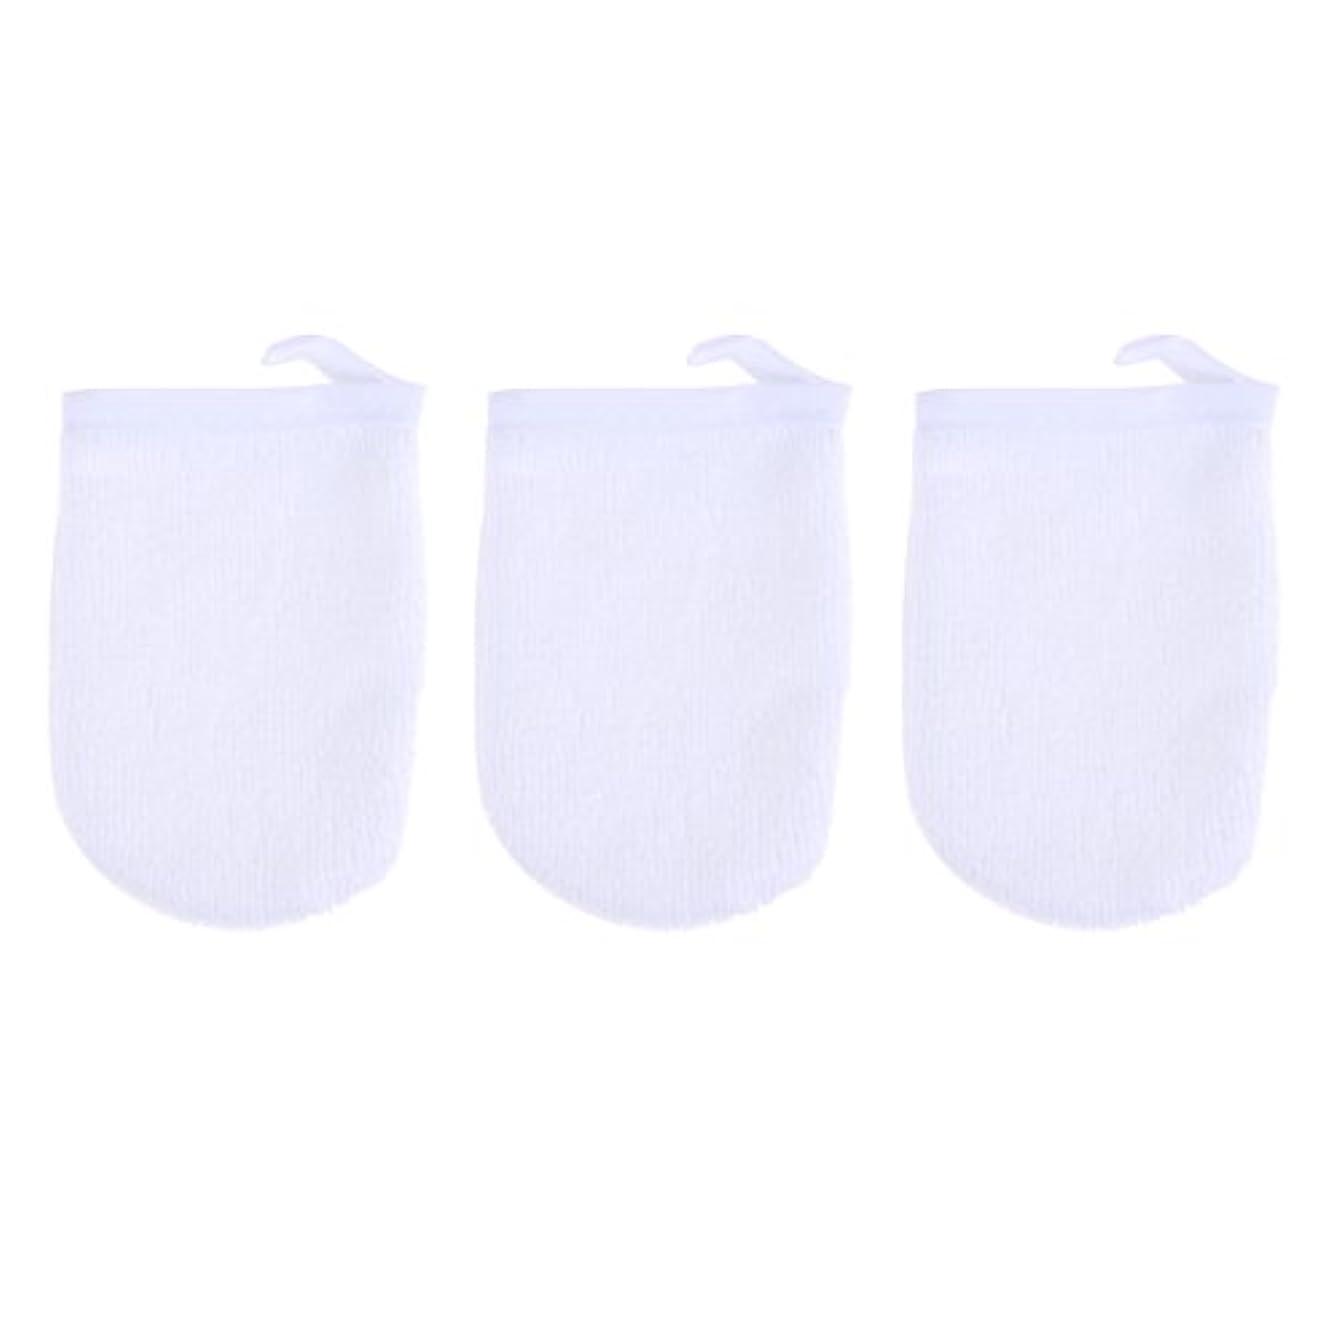 タールブラウス家畜BESTONZON 3ピースマイクロファイバー洗顔手袋フェイスクレンジングタオルクロススパミットソフト洗濯道具